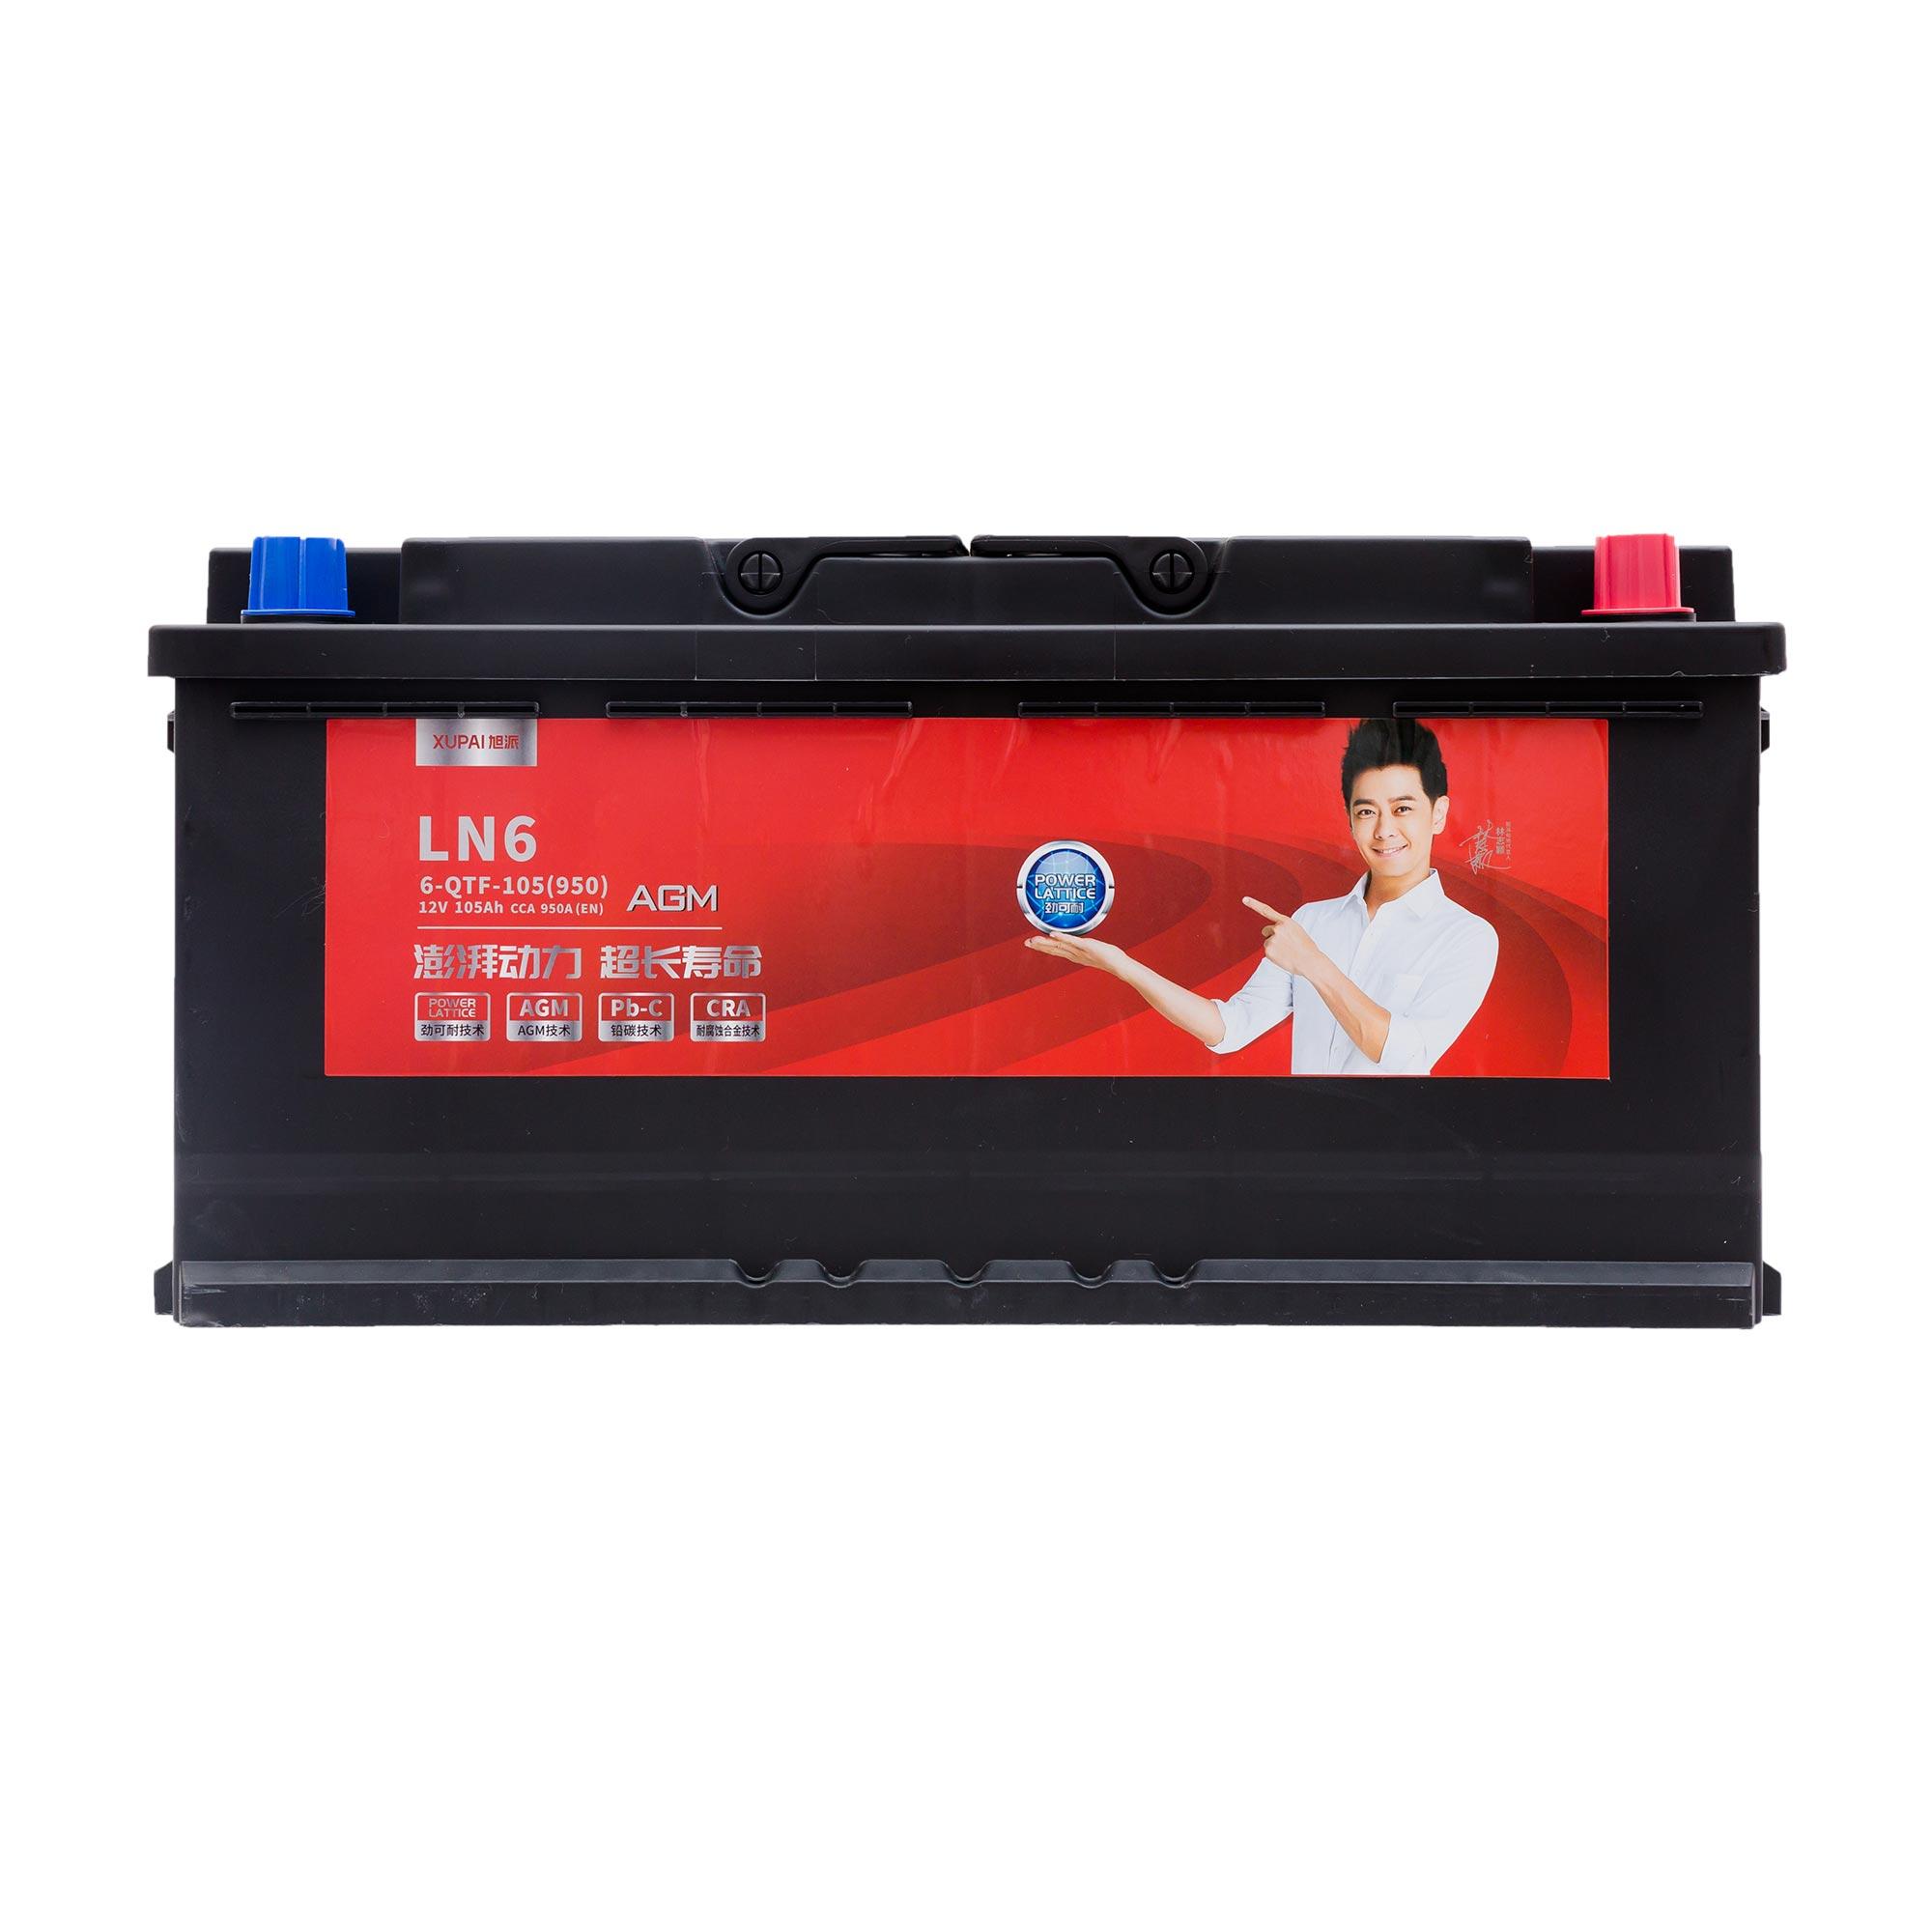 旭派6-QTF-105-LN6长寿命汽车启停电池